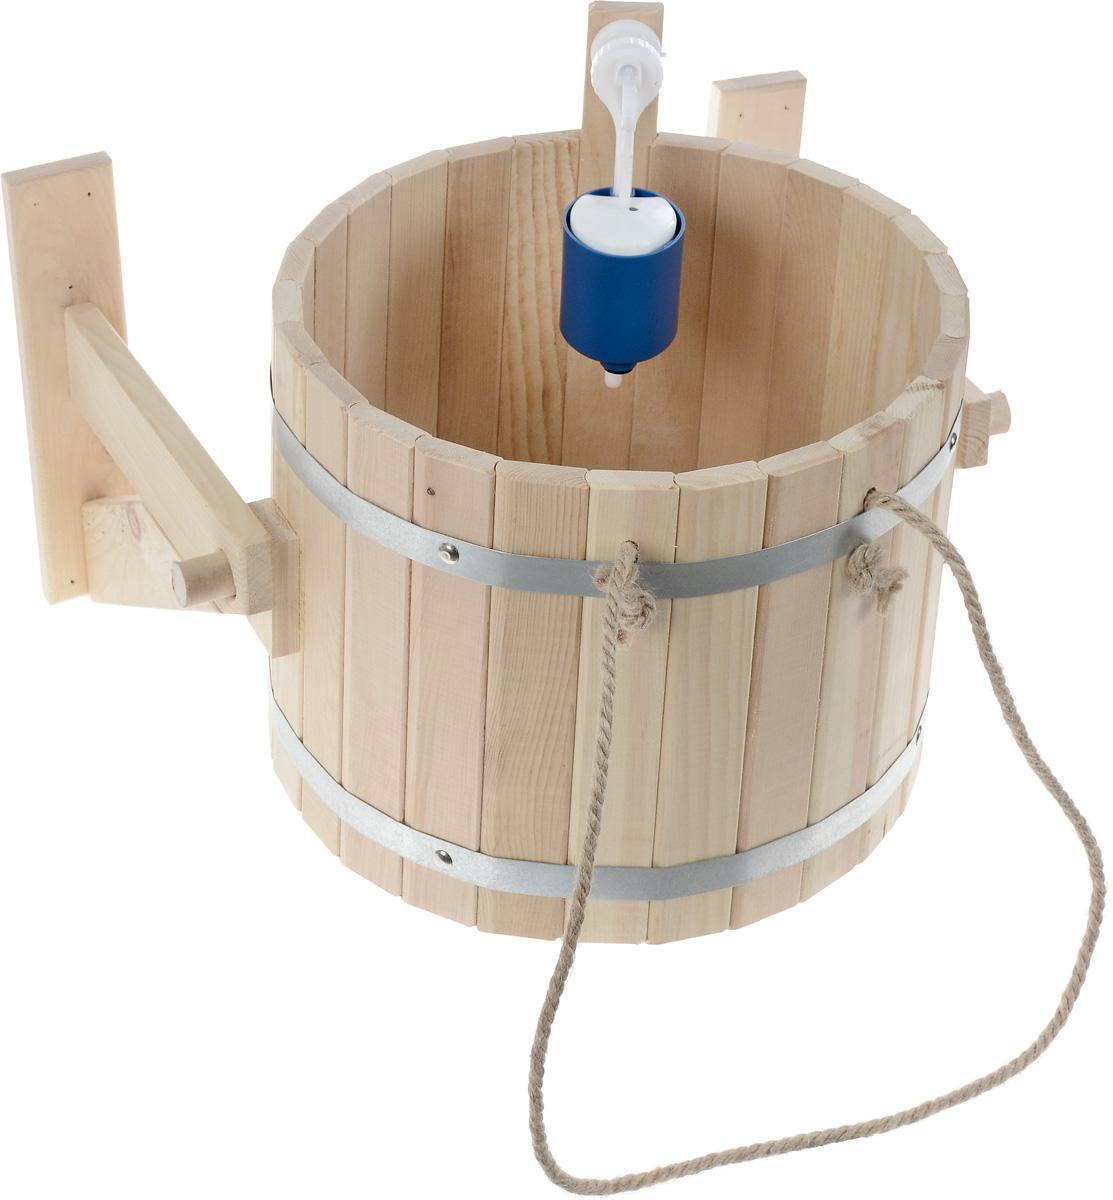 Обливное устройство Доктор баня, 20 л904401Обливное устройство Доктор баня состоит из деревянной емкости, двух кронштейнов и впускного клапана для воды. Обливное устройство изготовлено из деревянных шпунтованный клепок, склеенных между собой водостойким клеем и стянутых двумя обручами из нержавеющей стали. Внутри и снаружи устройство покрыто экологически безопасной мастикой на основе природного воска, который обеспечивает высокую степень защиты древесины от воздействия воды. Обливное устройство может монтироваться как к стенам, так и к потолку помещения. Обливное устройство предназначено для контрастного обливания после высоких температур парной в банях и саунах. Обливные устройства используются как внутри бани, так и снаружи. Рекомендуется периодически проверять прочность узловых соединений и надежность крепления к стене. Характеристики: Материал: дерево (кедр), металл, текстиль. Объем емкости: 20 л. Диаметр емкости: 34 см. Высота стенок емкости: 31 см.